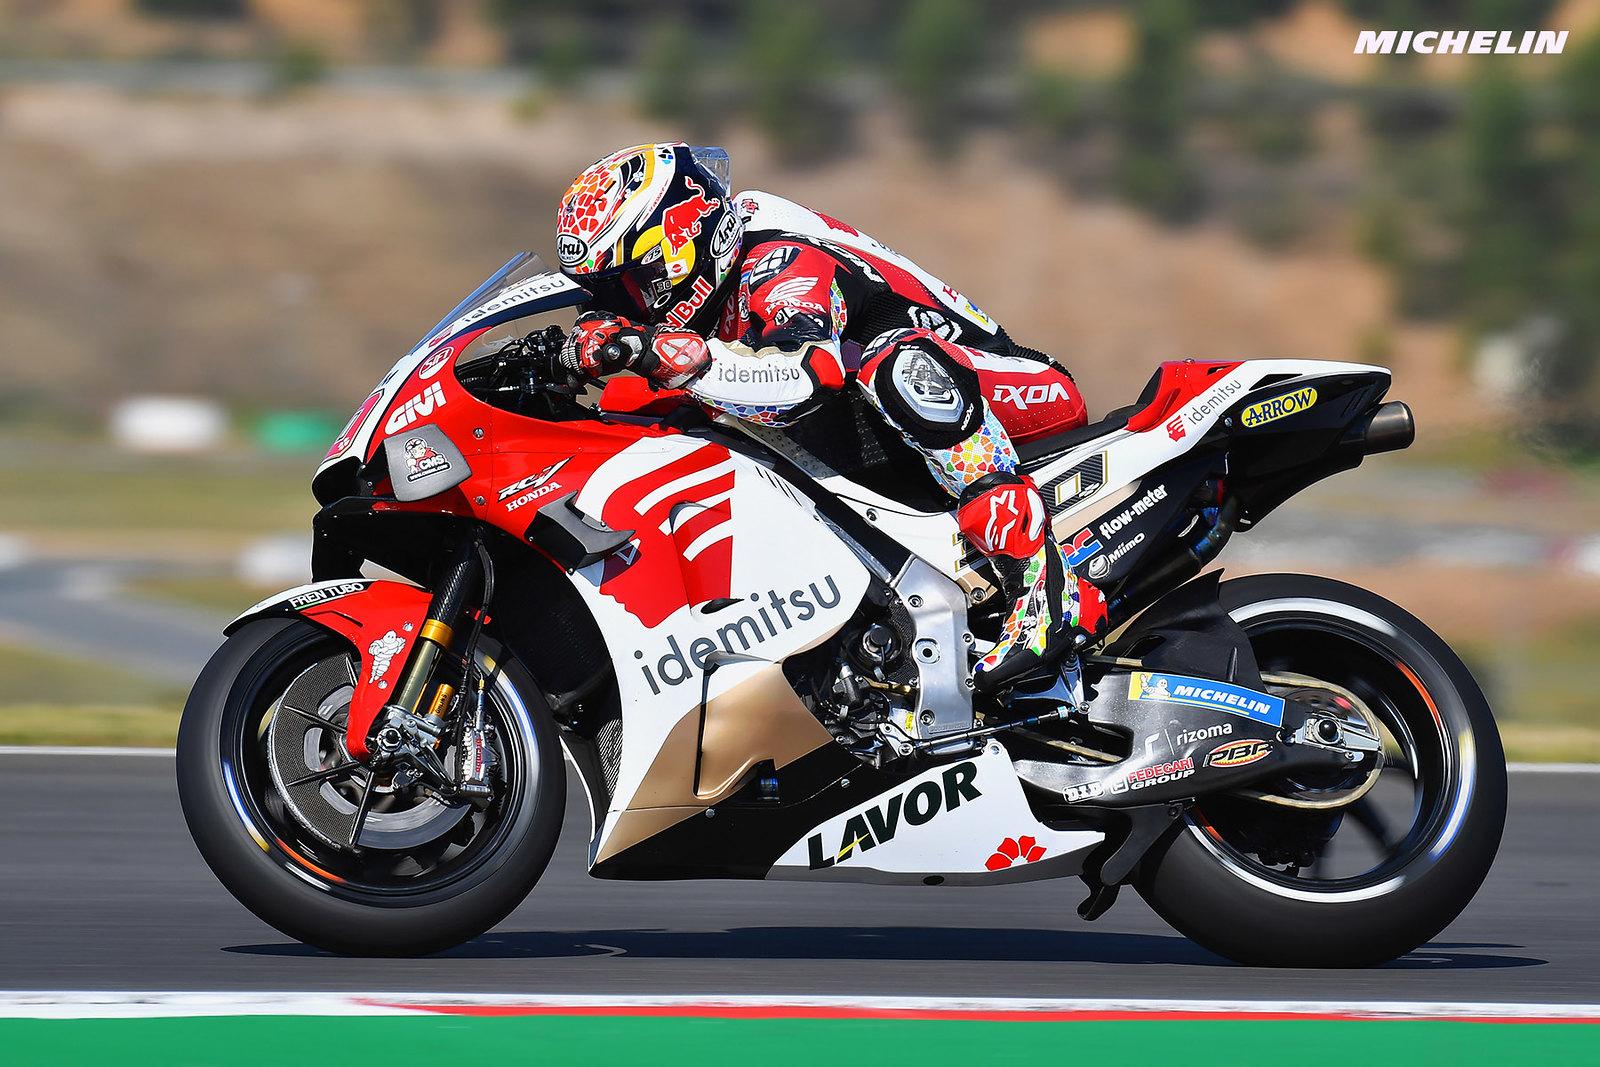 MotoGP2021ポルトガルGP 中上 貴晶「とりあえずレースには出場したい」